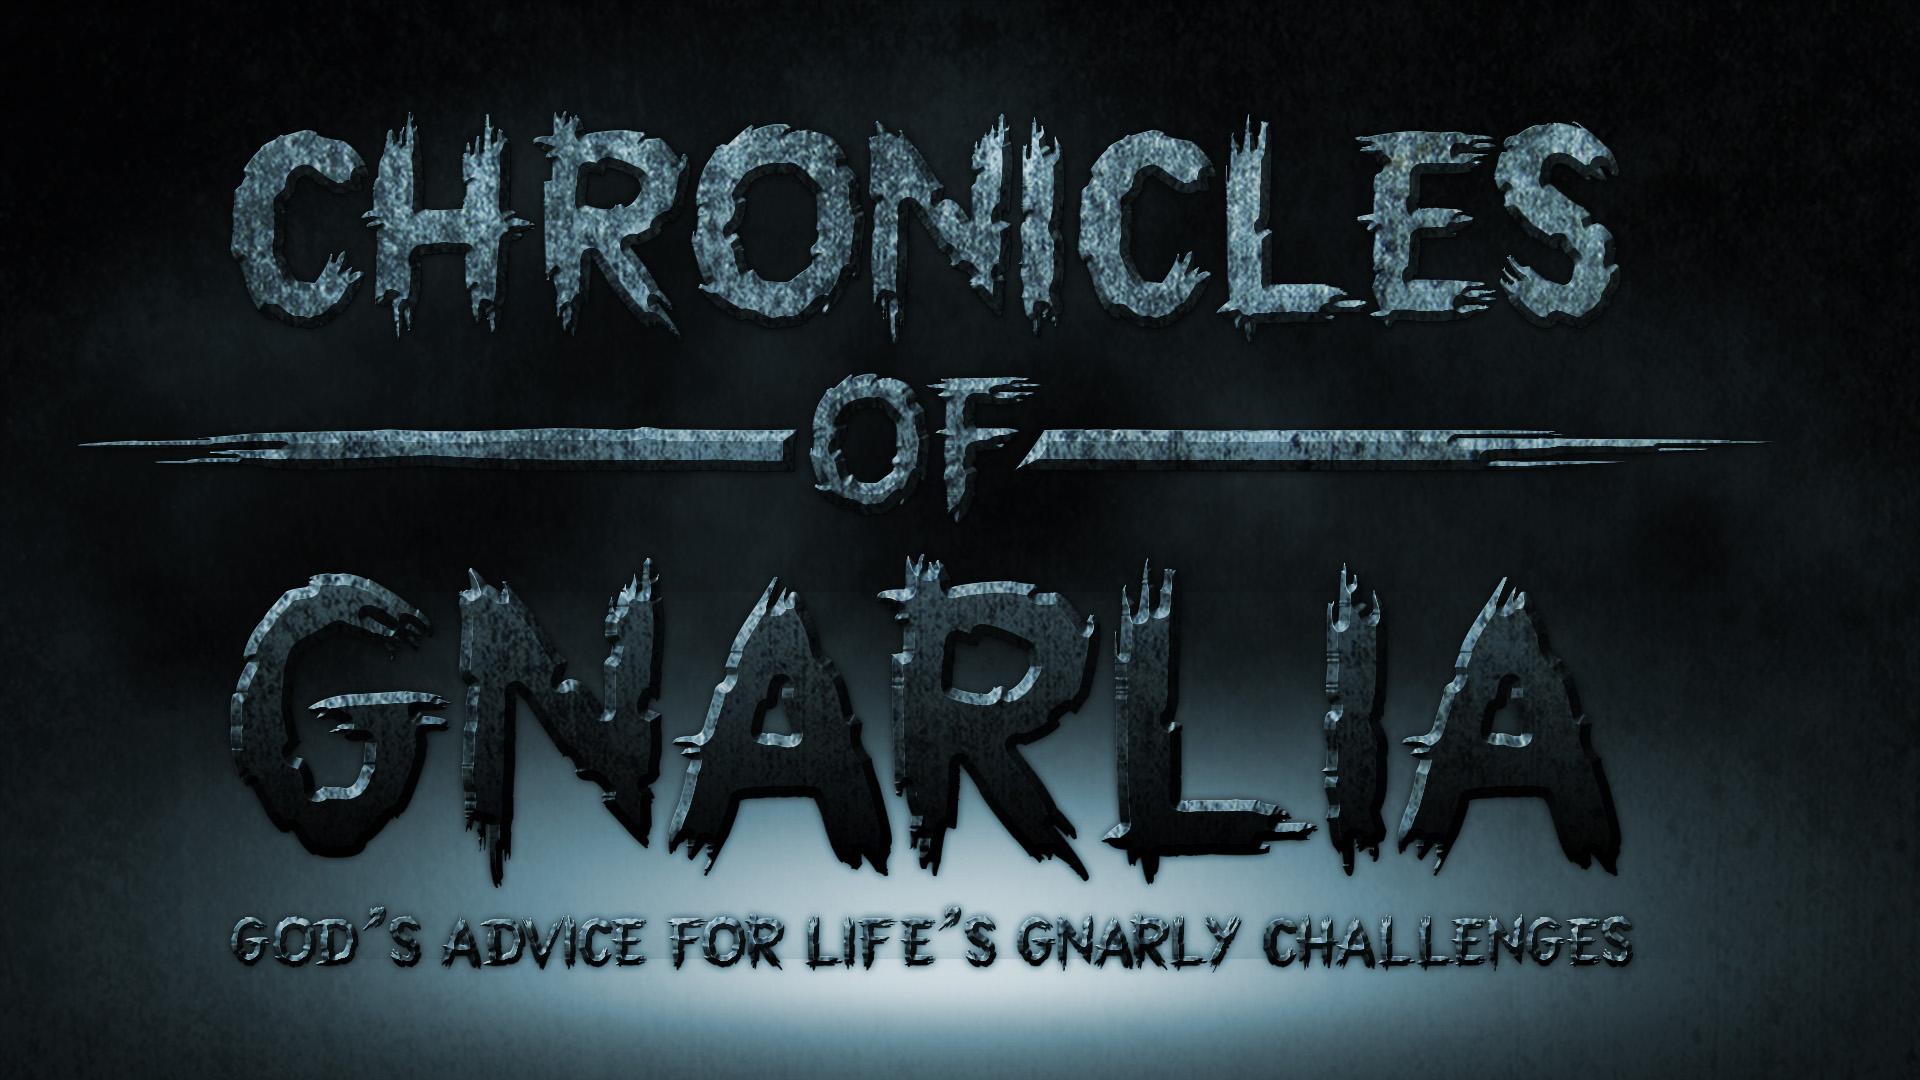 chronicles of gnarlia FULL ART.jpg